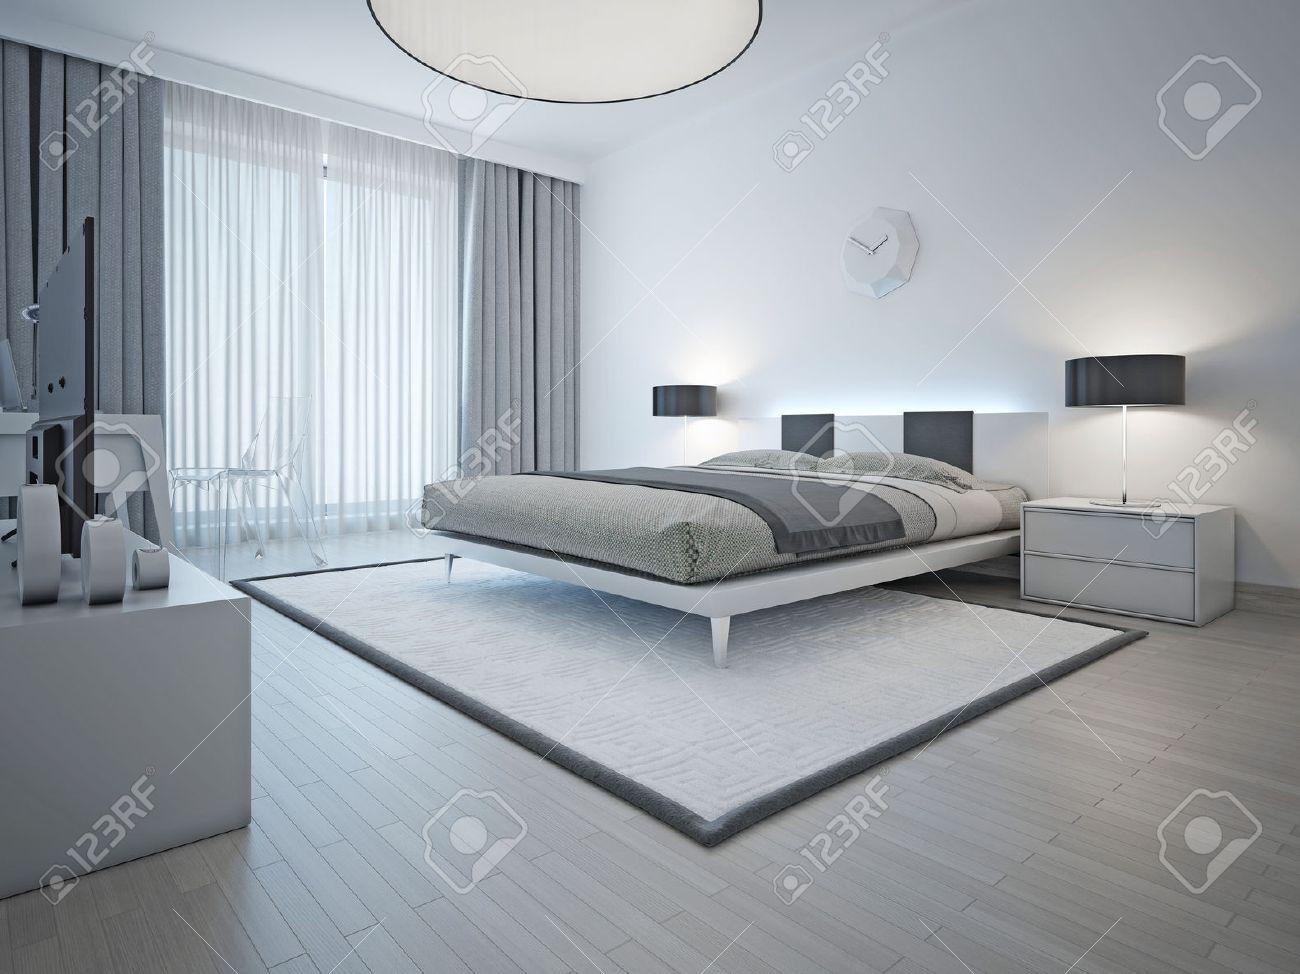 geräumige moderne styled schlafzimmer mit doppelbett, weißen teppich und  hellgraue wände und möbel. 3d übertragen